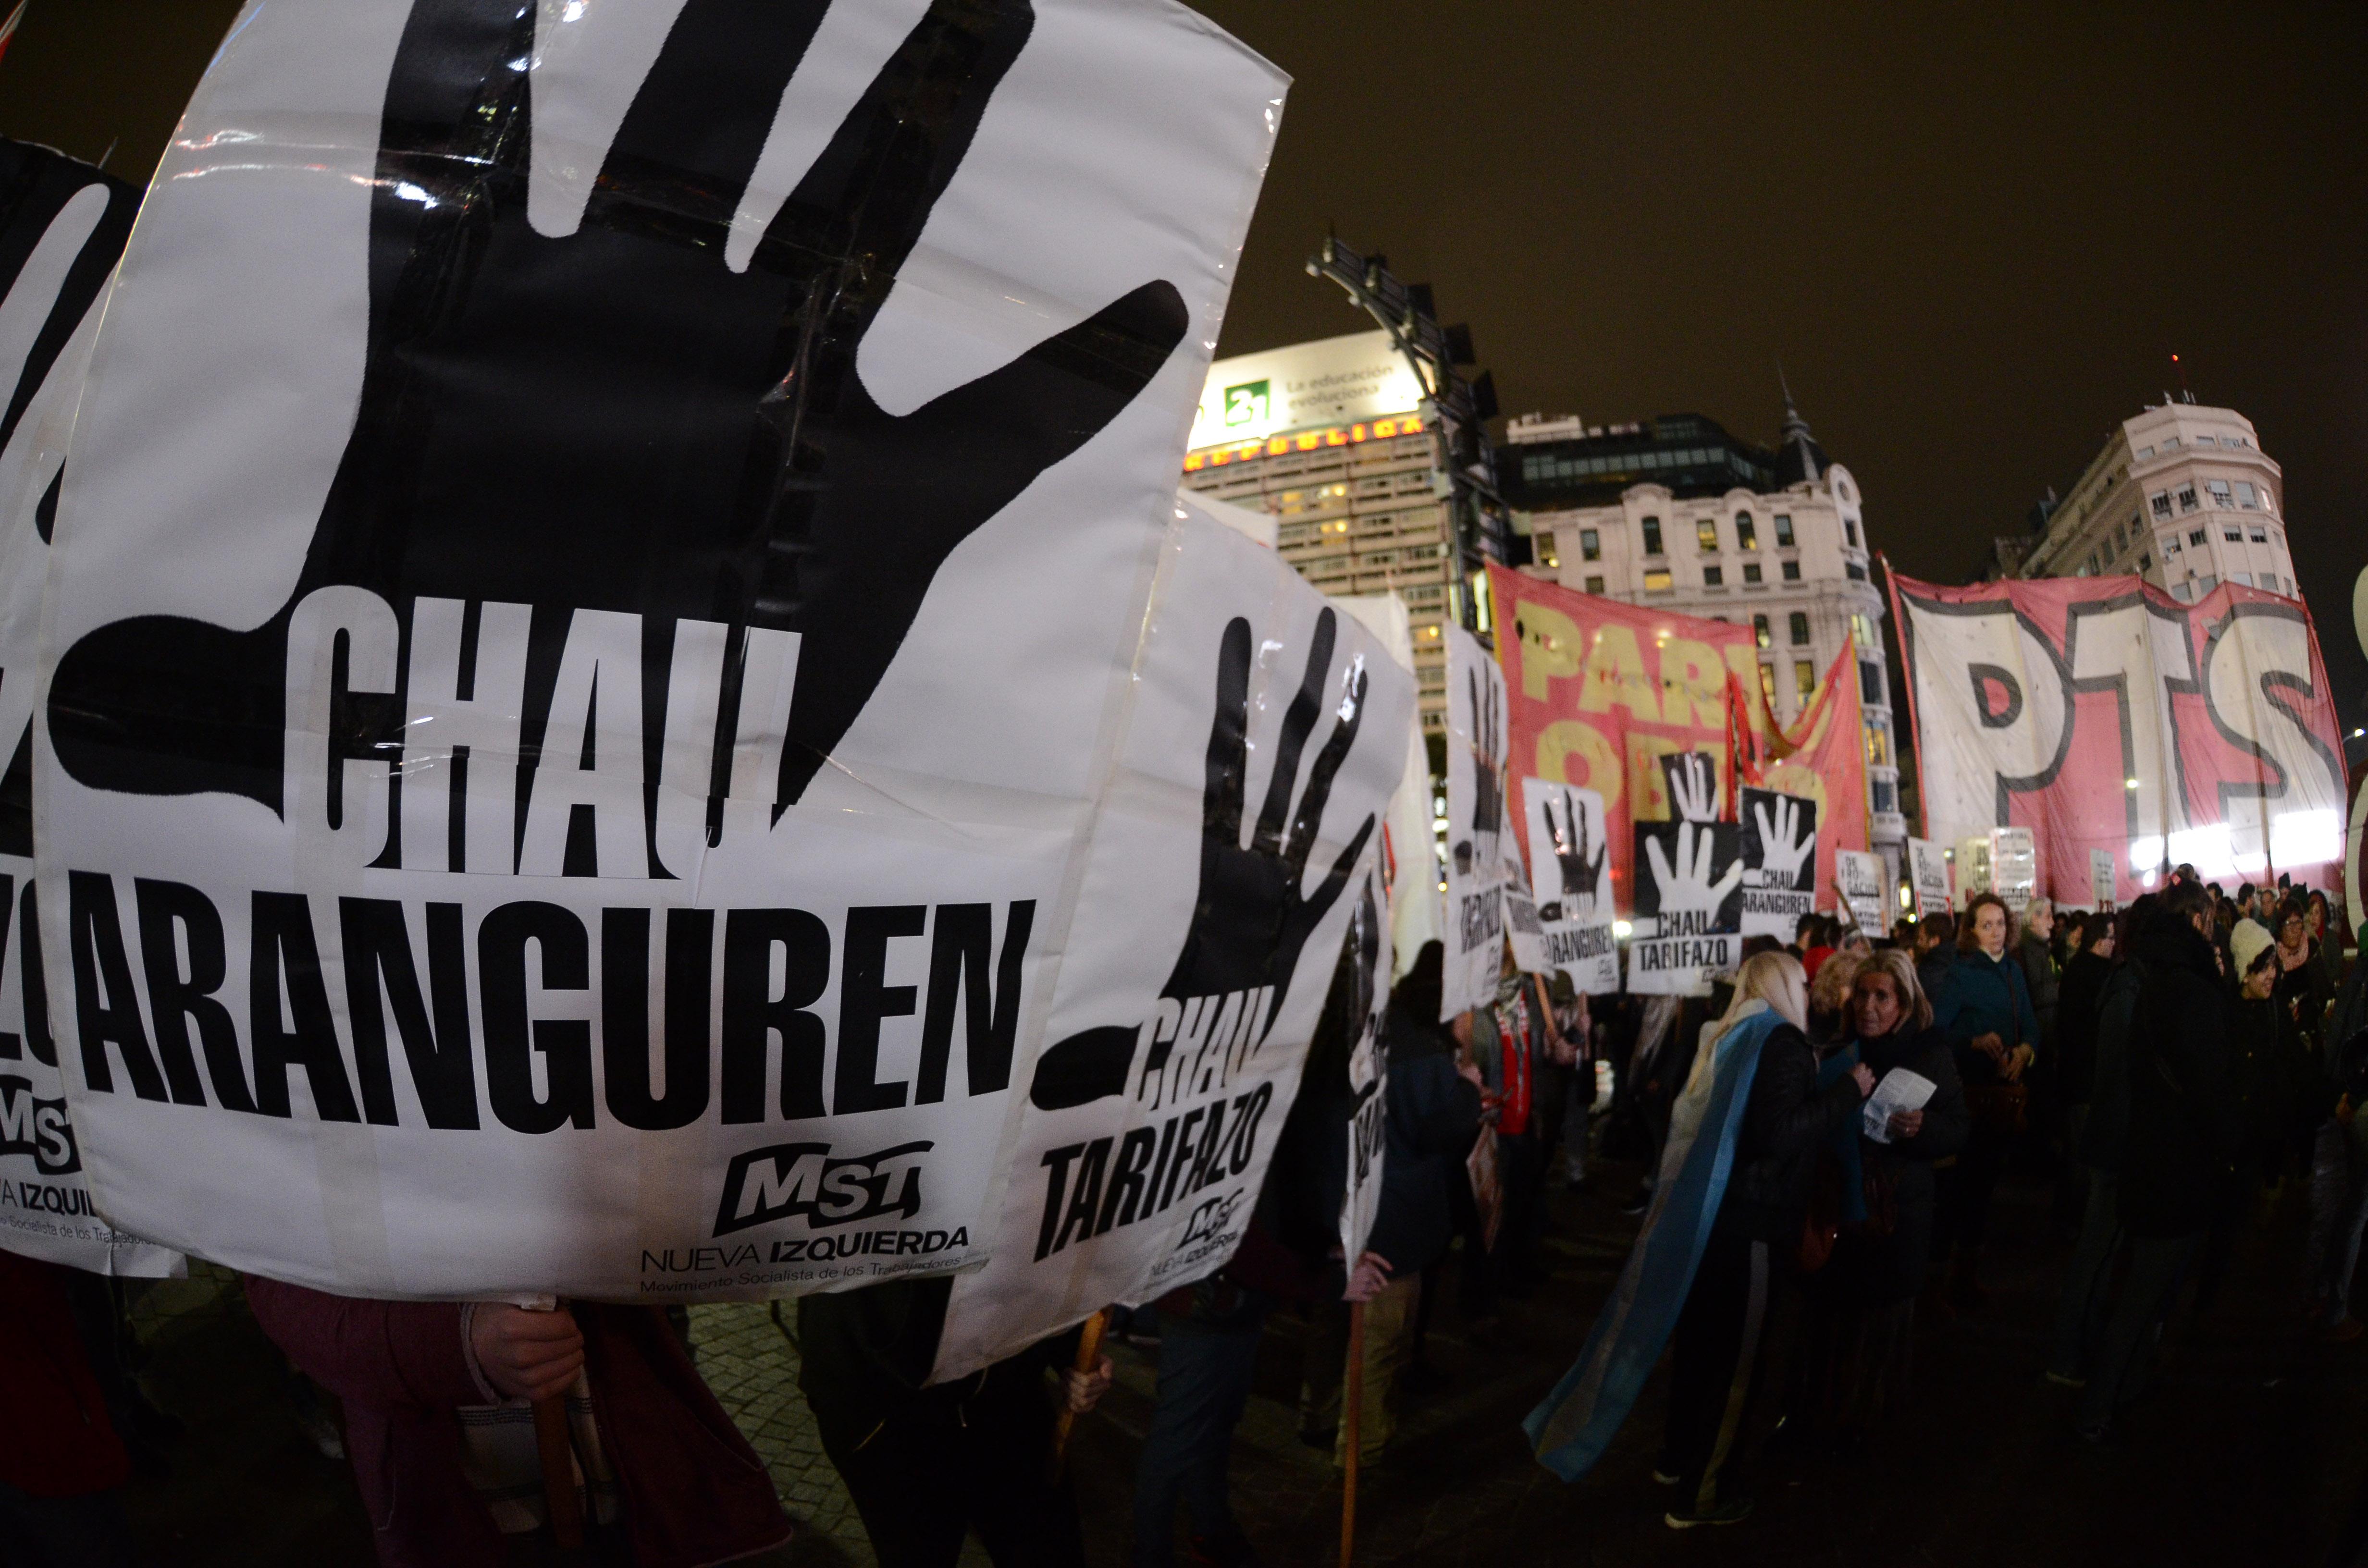 DYN51, BUENOS AIRES 14/07/2016, ASOCIACIONES DE CONSUMIDORES, ORGANIZACIONES POLÍTICAS, SOCIALES, SINDICALES, ESTUDIANTILES Y DE DDHH, CONVOCARON  A UN CACEROLAZO Y BOCINAZO CONTRA EL TARIFAZO EN LOS SERVICIOS PÚBLICOS.FOTO:DYN/JAVIER BRUSCO.